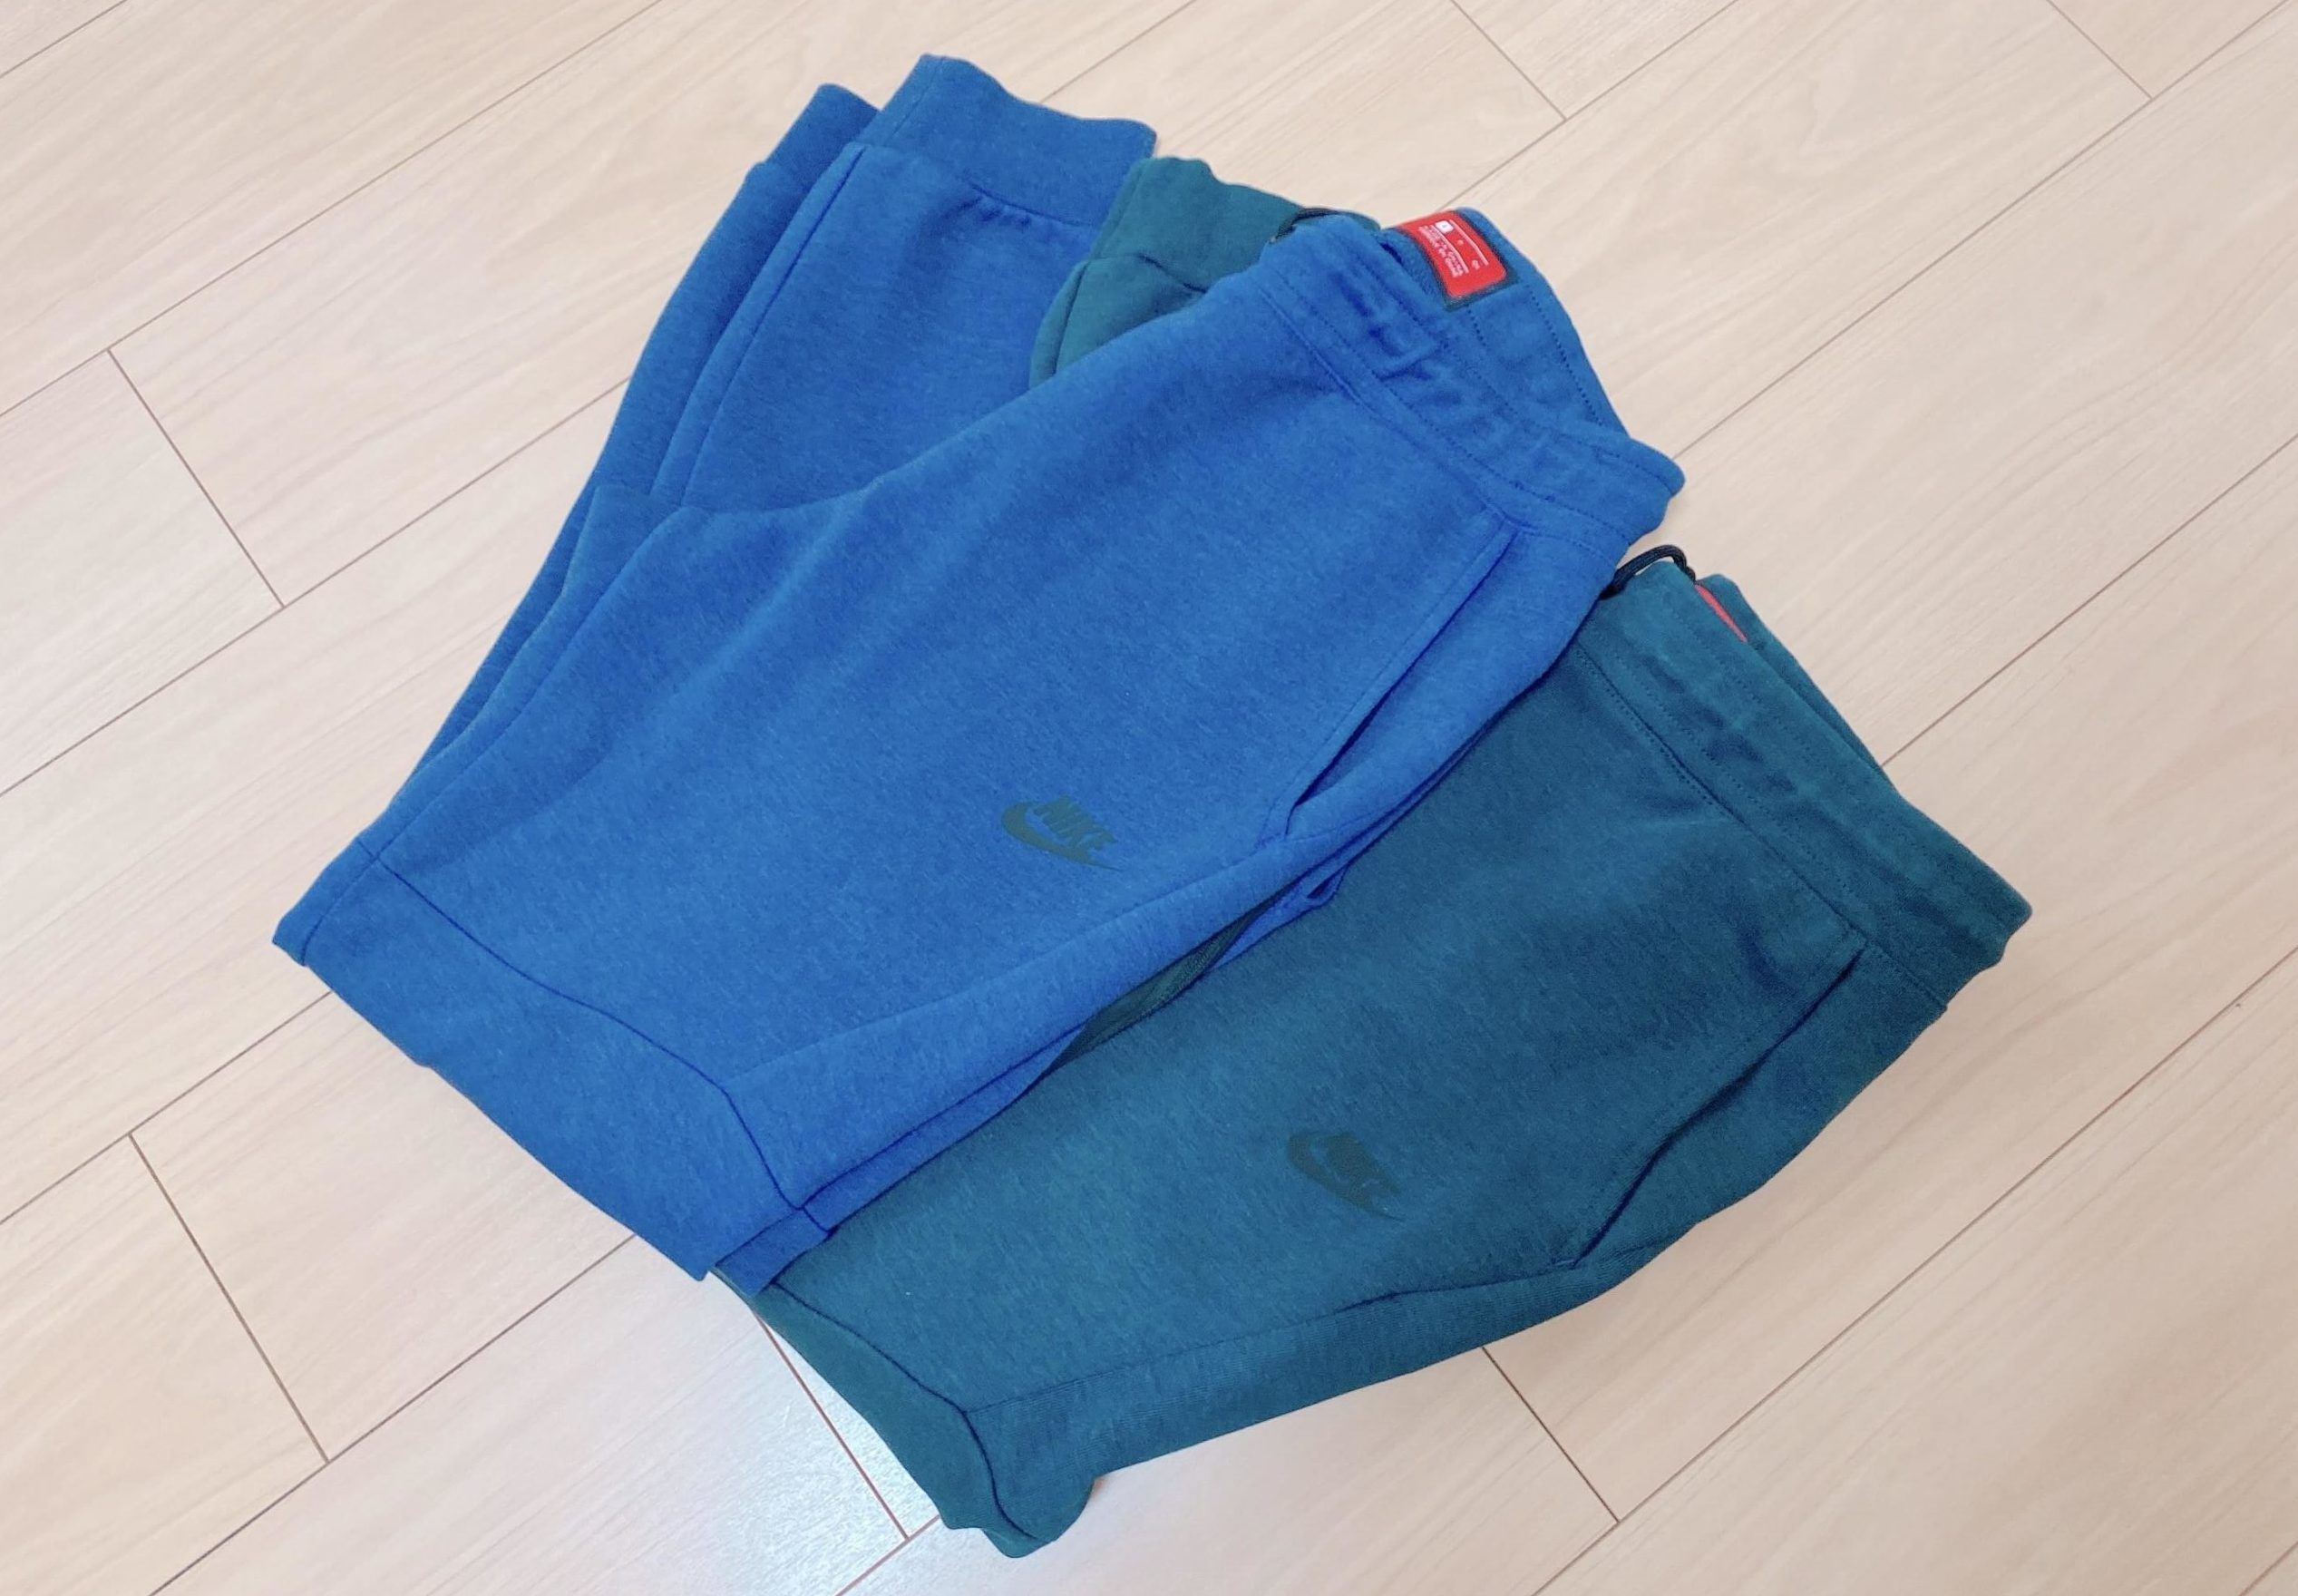 テックフリースジョガーパンツのブルーとグリーンの珍しい色